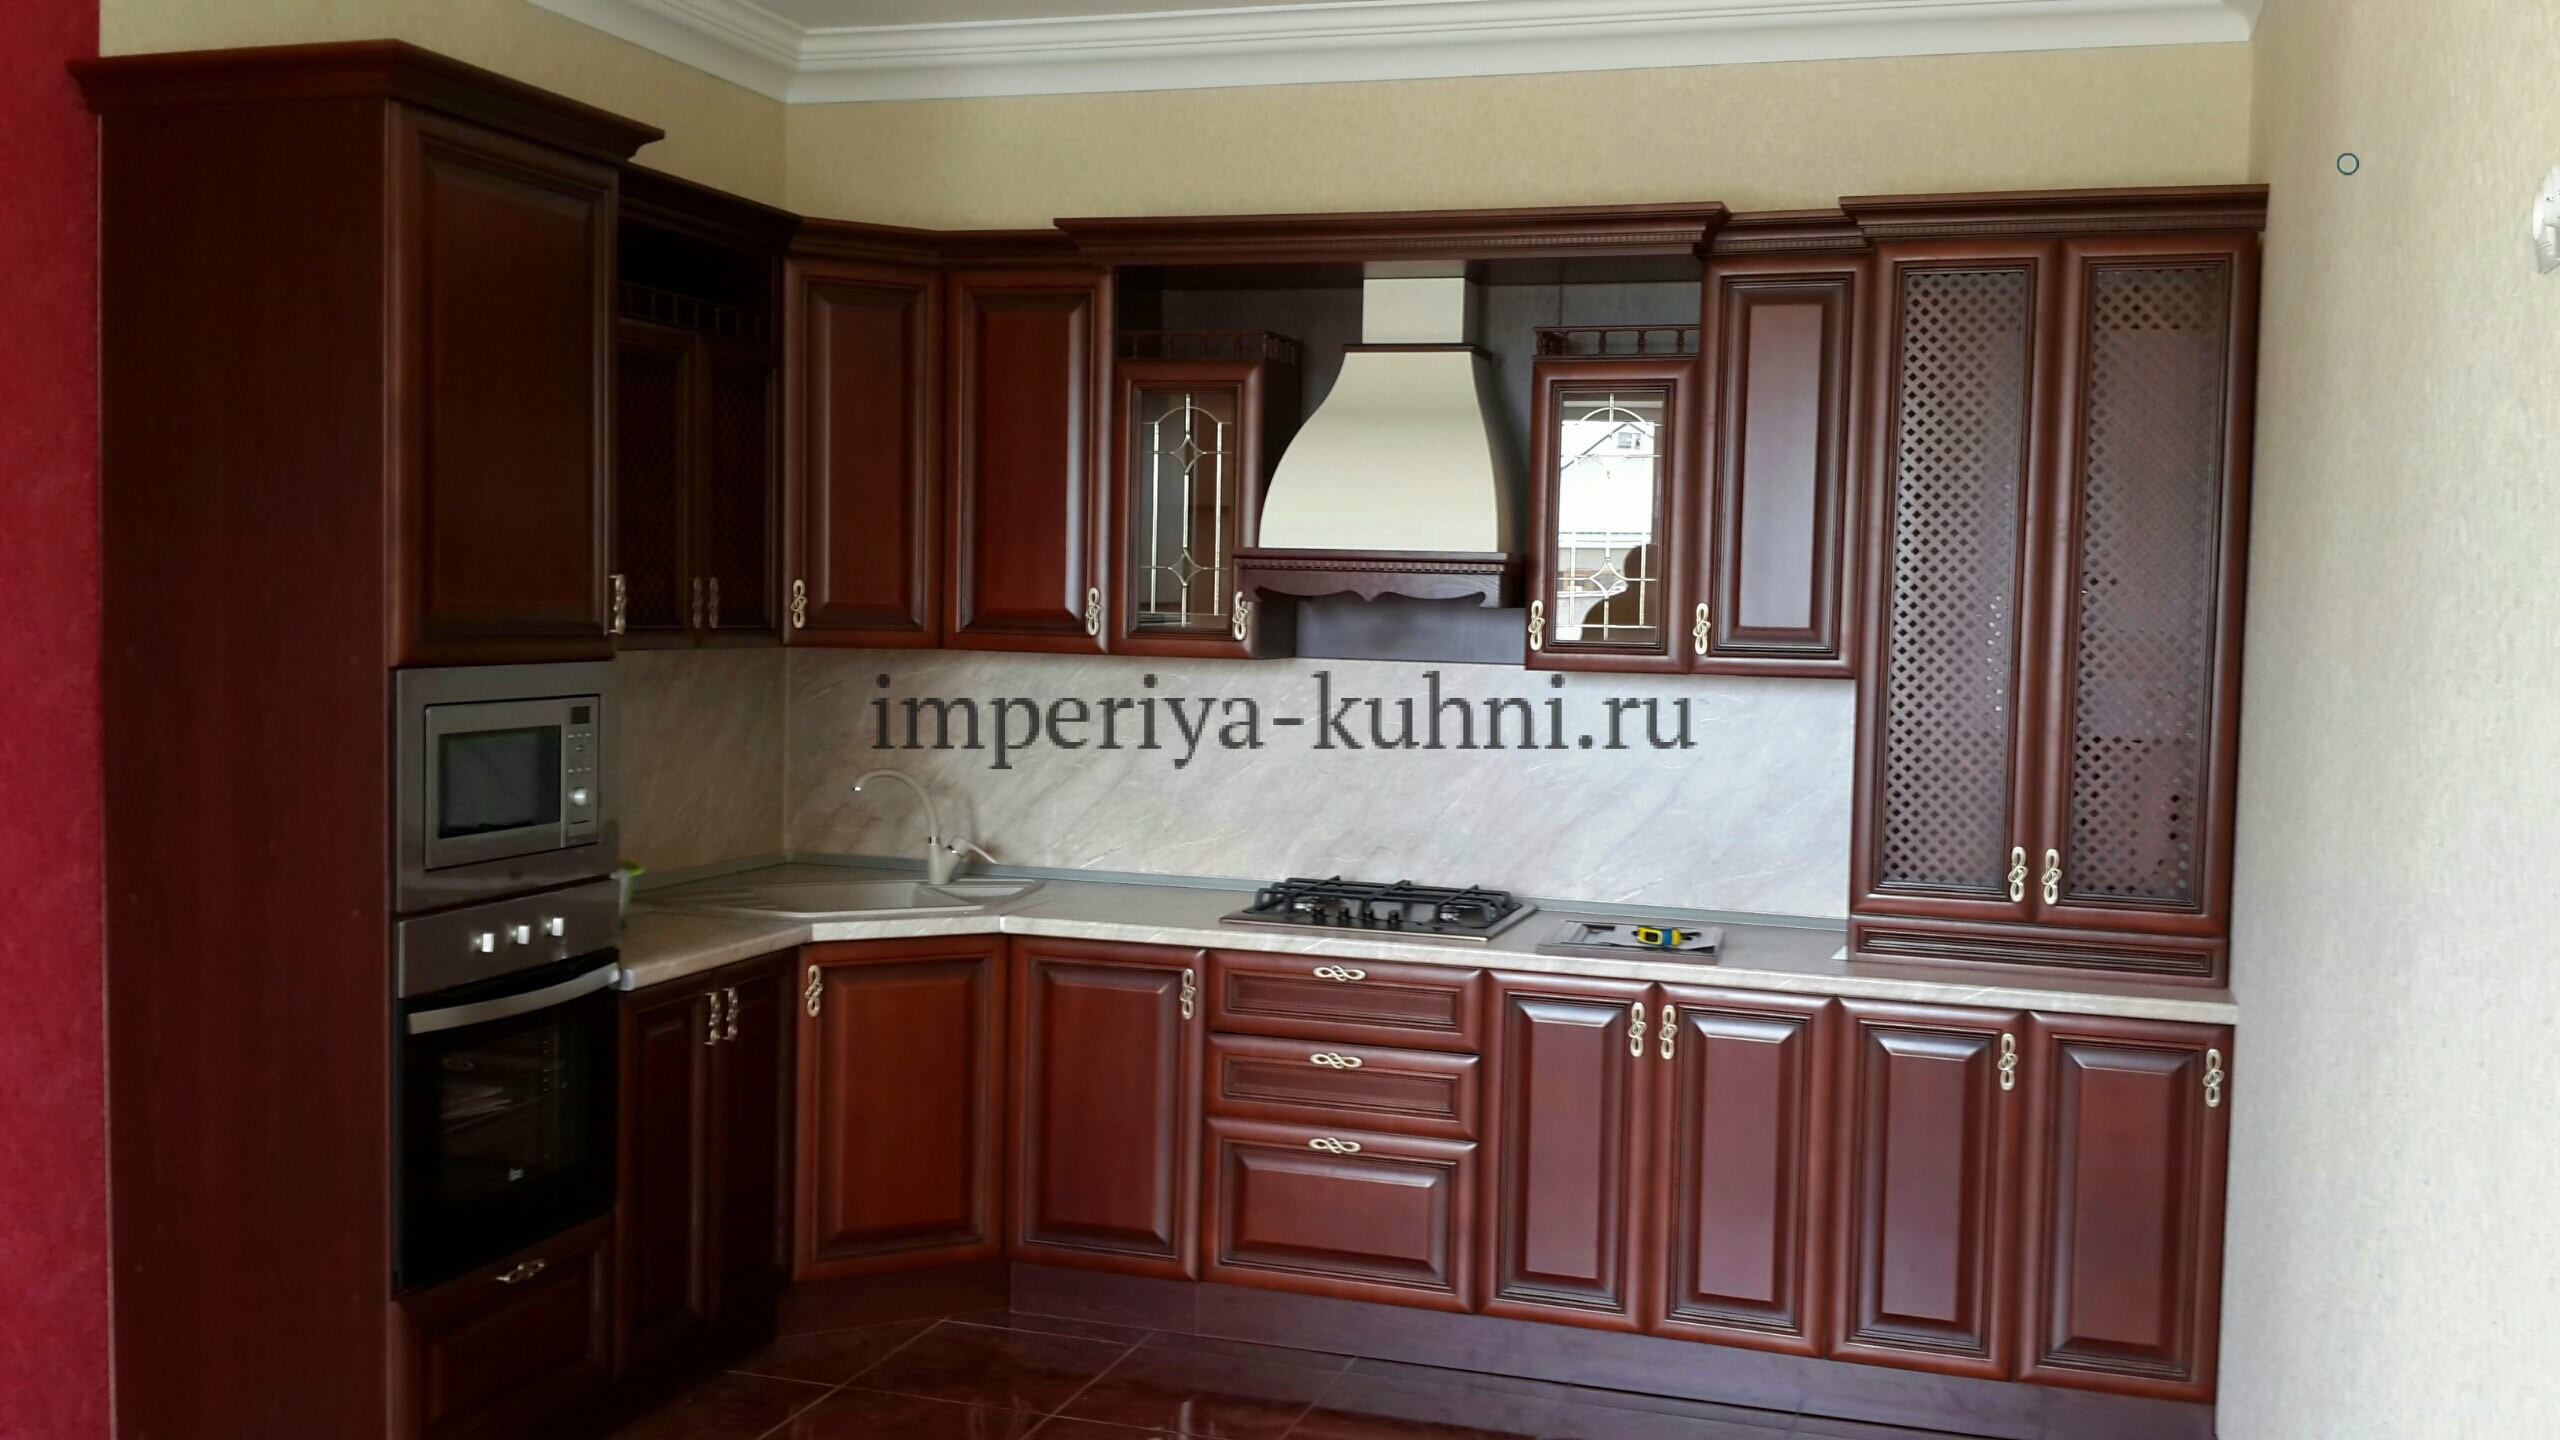 Фото кухни из массива ольхи. Модель- Татьяна. Цвет-вишня.